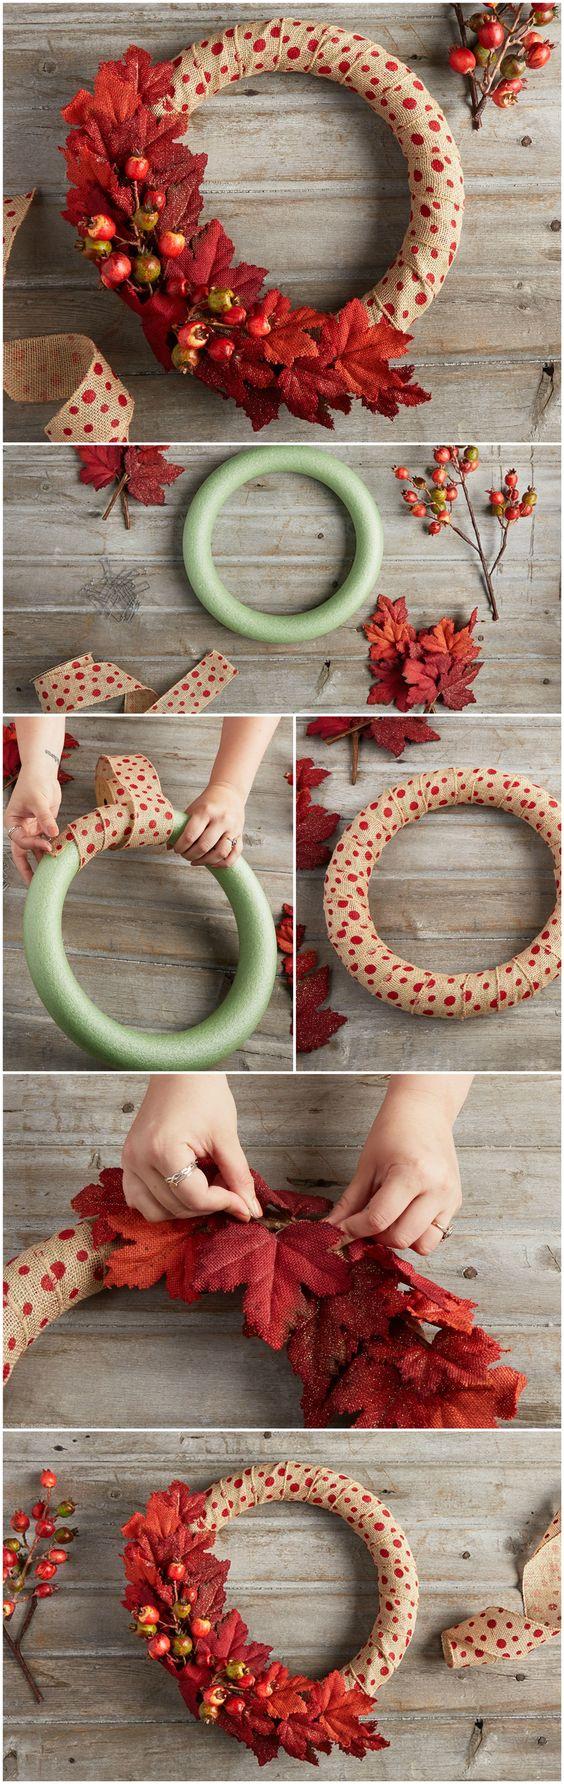 DIY Polka Dot Fall Wreath.